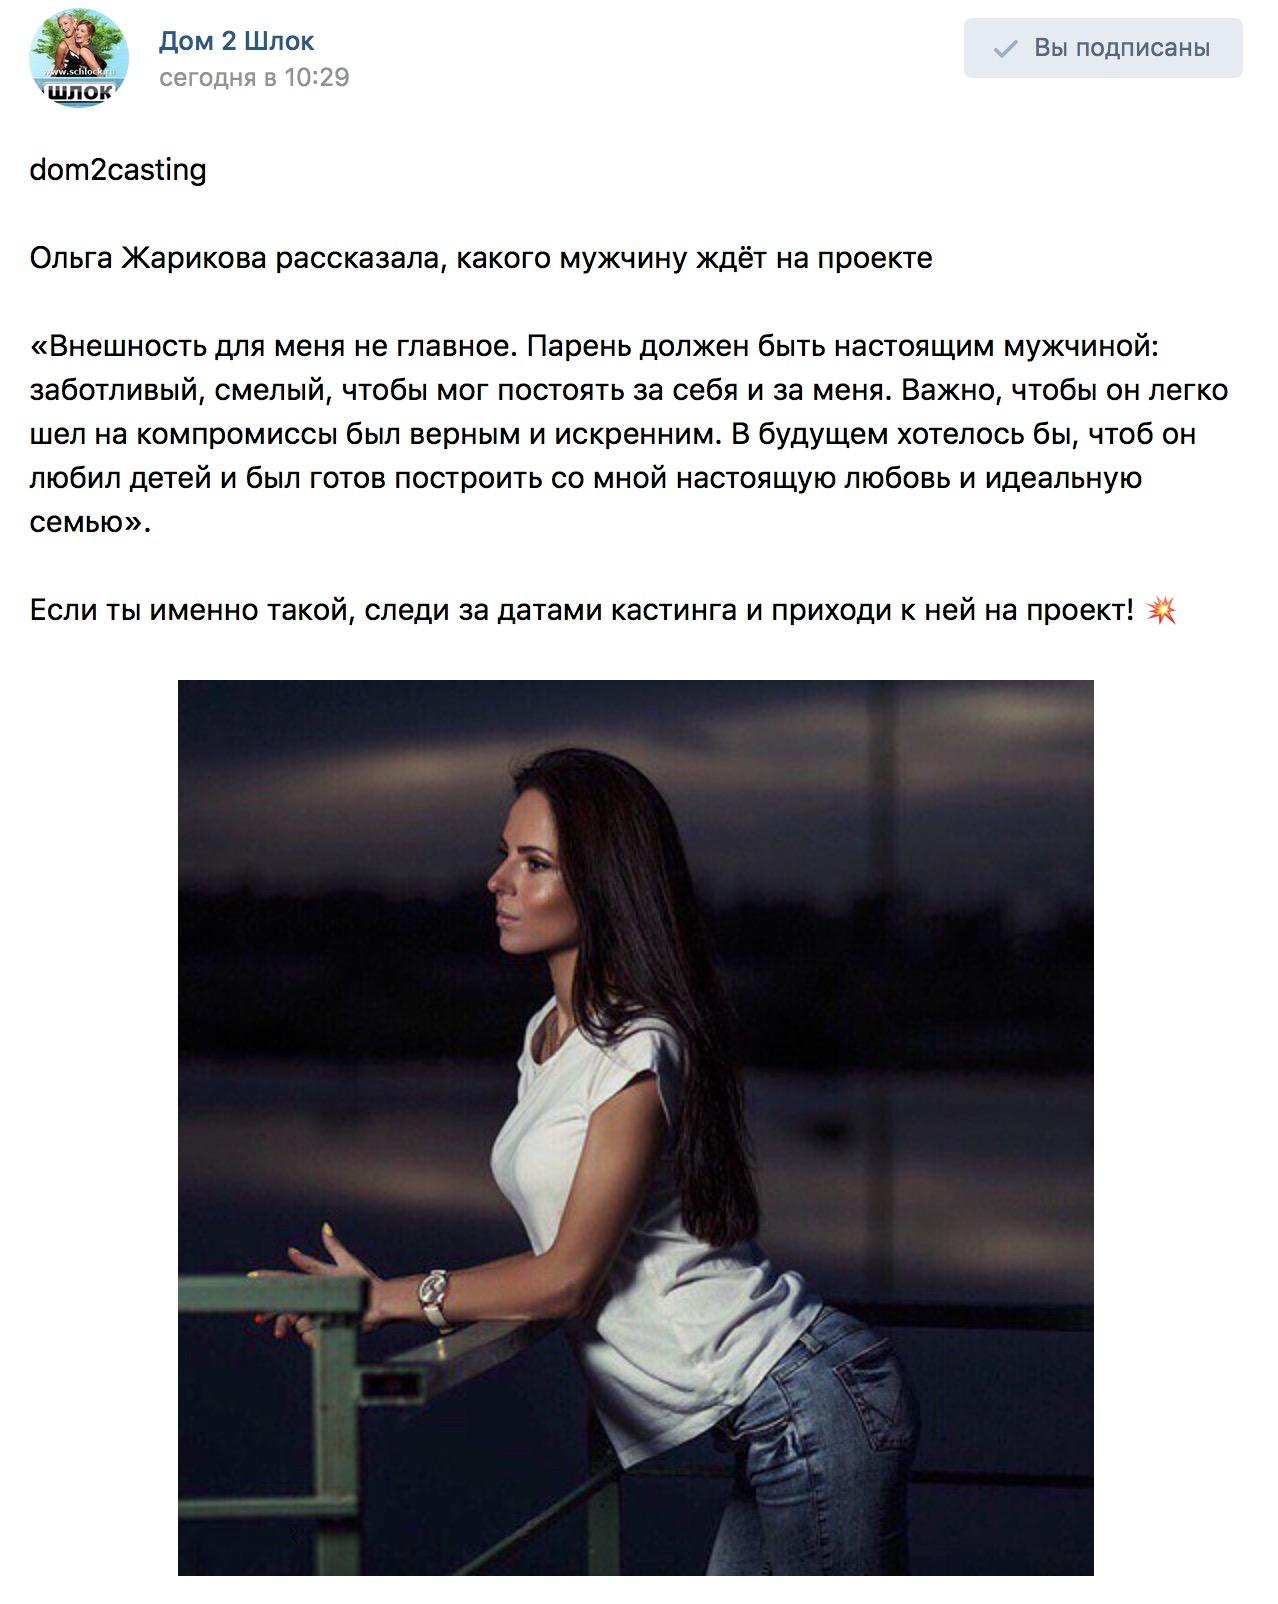 Ольга Жарикова ждет настоящего мужчину